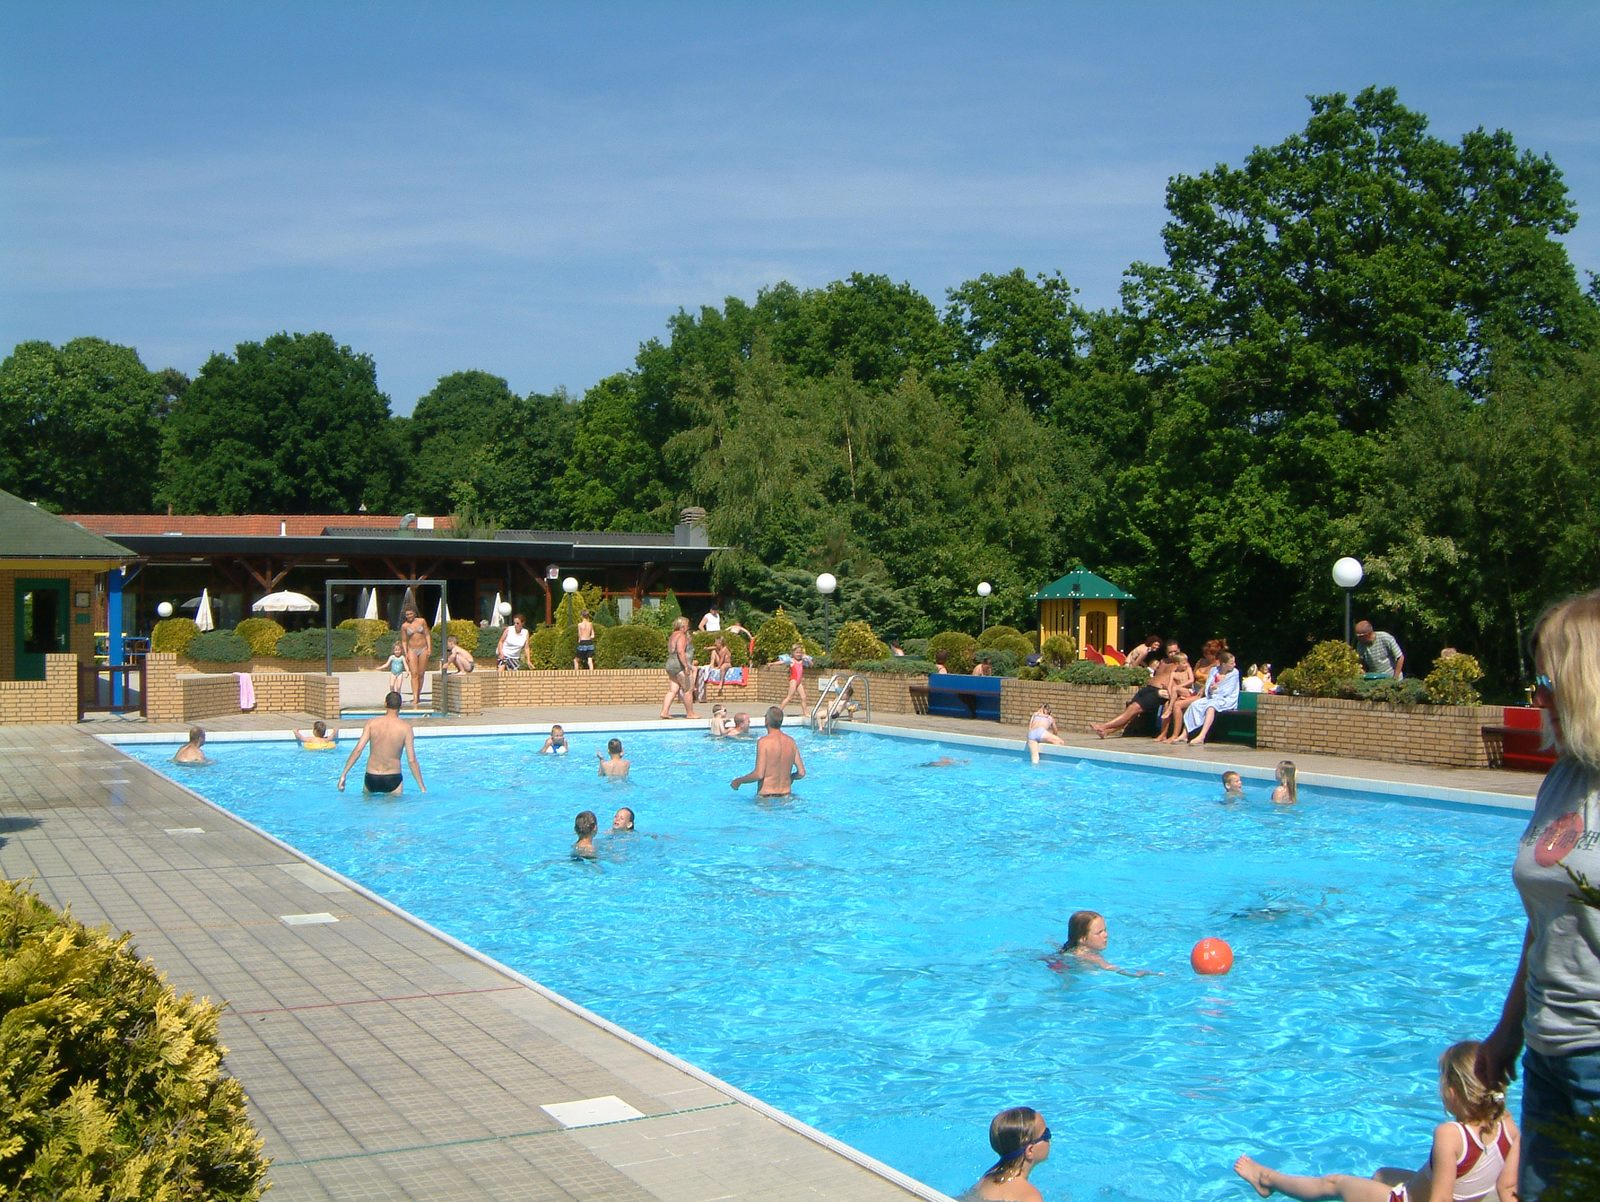 Parc de Kievit bietet ein Ferienhaus für 10 Personen in Brabant, in dem Sie den beheizten Außenpool nutzen können.